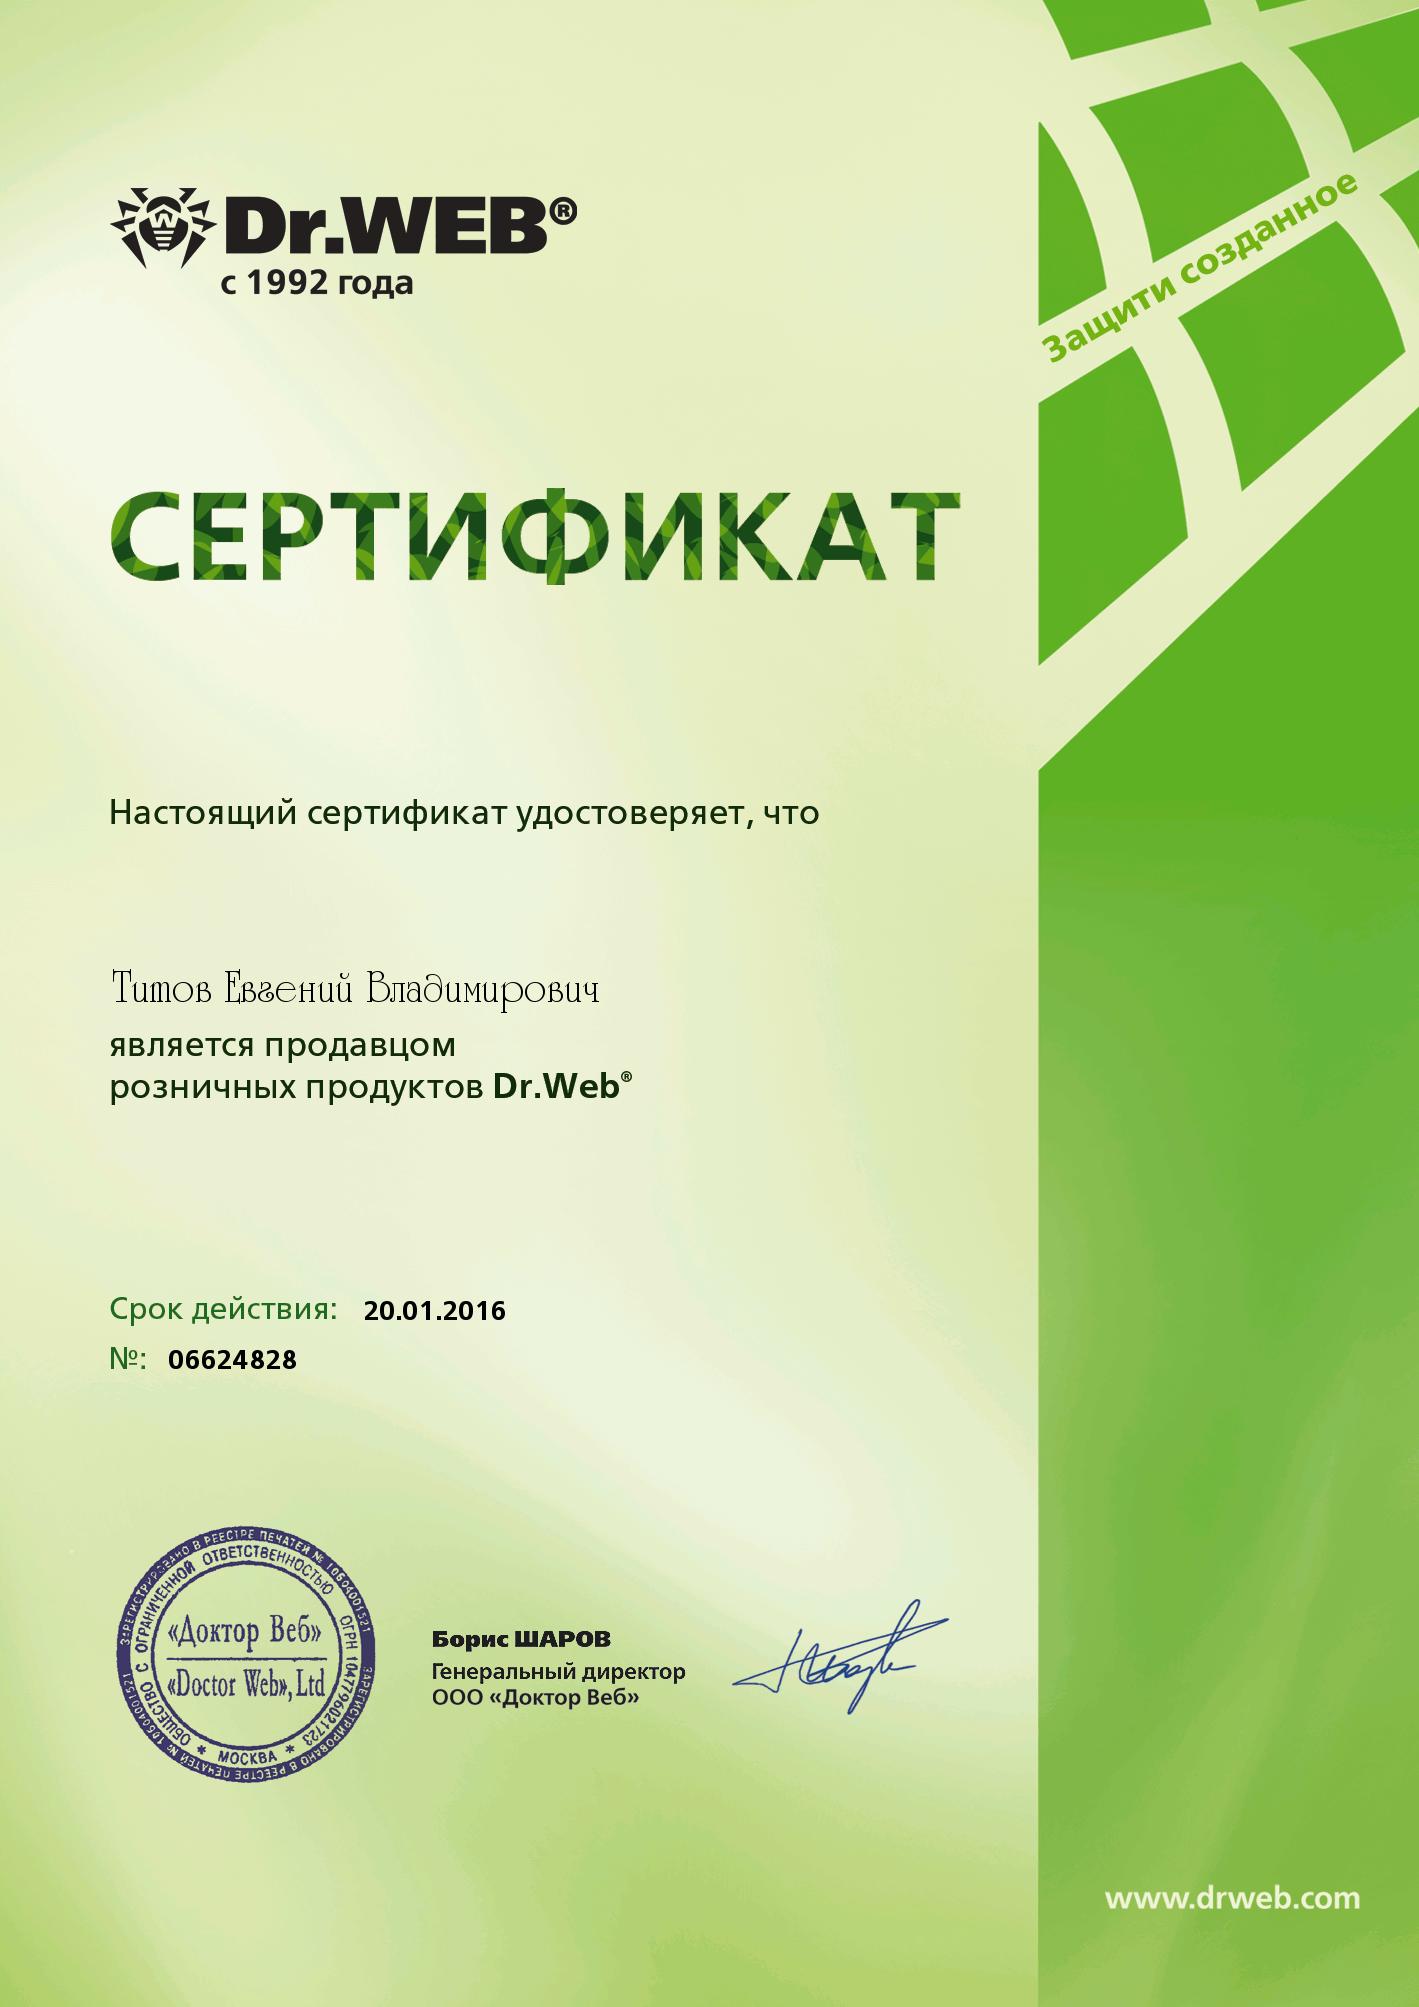 (DWCERT-020-2) Сертифицированный менеджер по лицензированию Dr.Web Retail Security Suite 20.01.2016